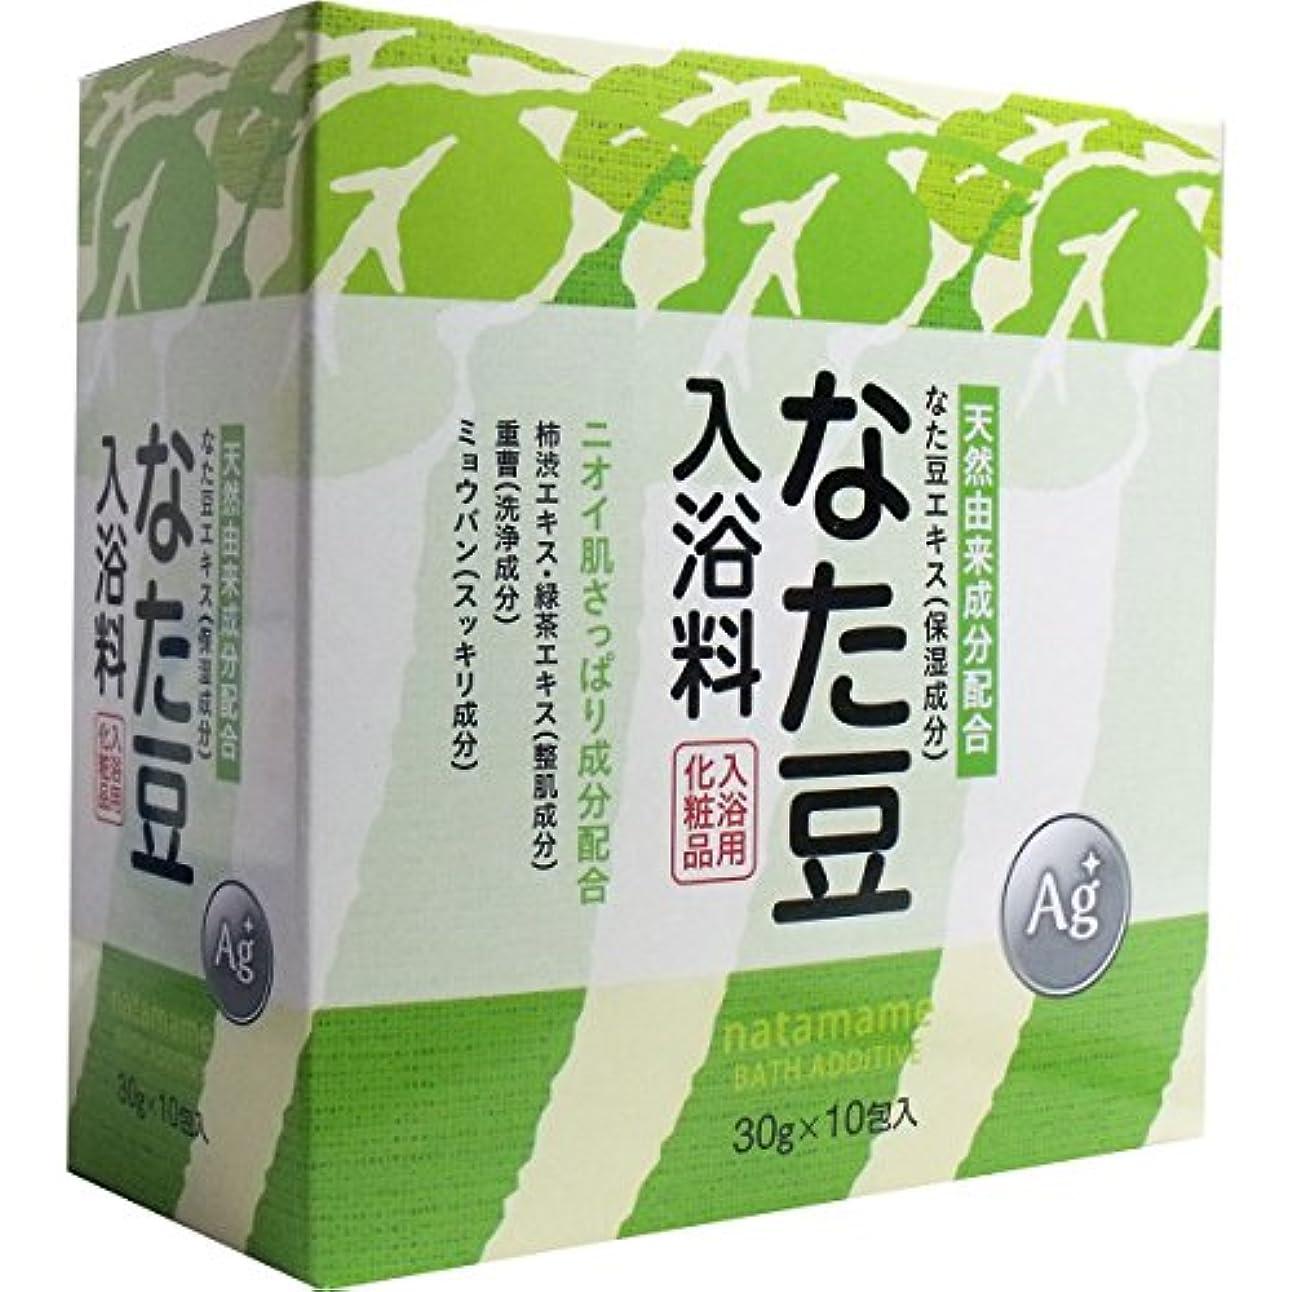 超越するサーバ細胞なた豆入浴料 入浴用化粧品 30g×10包入×8